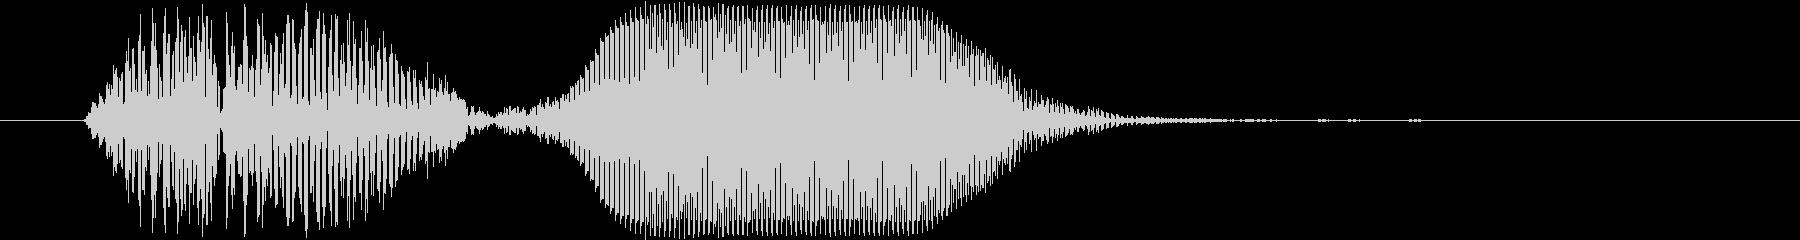 パフ!(パフパフラッパ)の未再生の波形